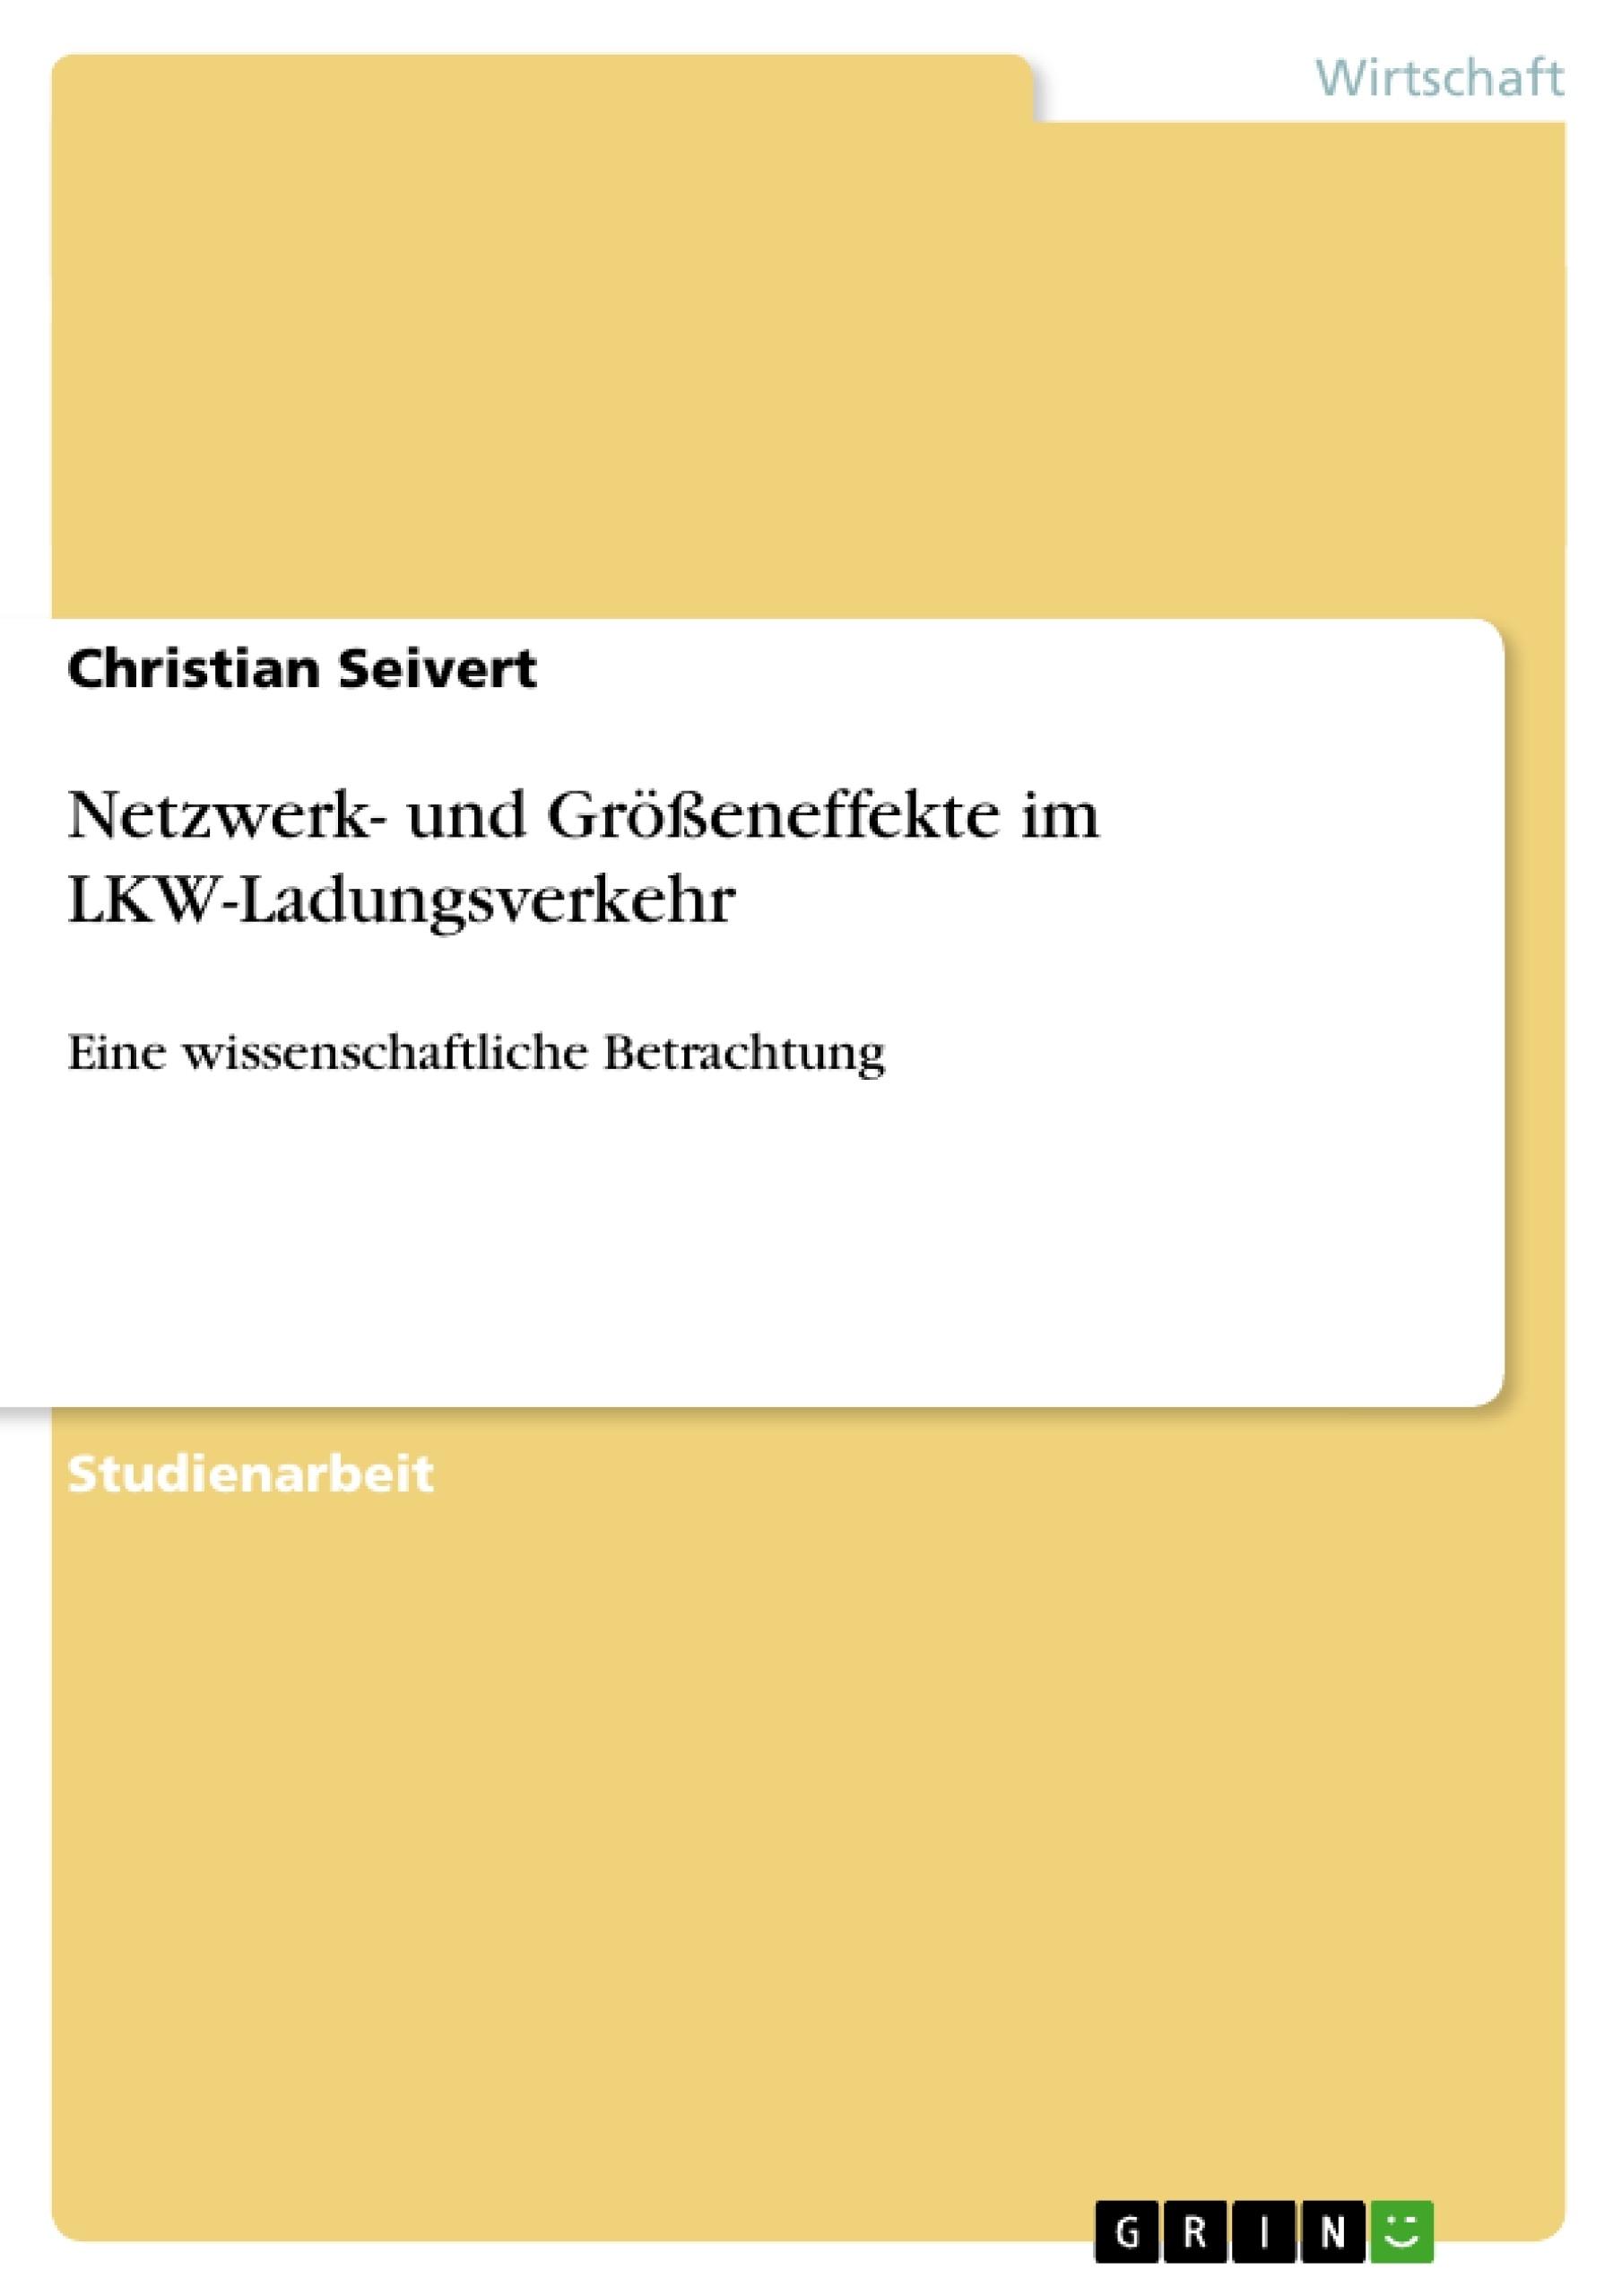 Titel: Netzwerk- und Größeneffekte im LKW-Ladungsverkehr